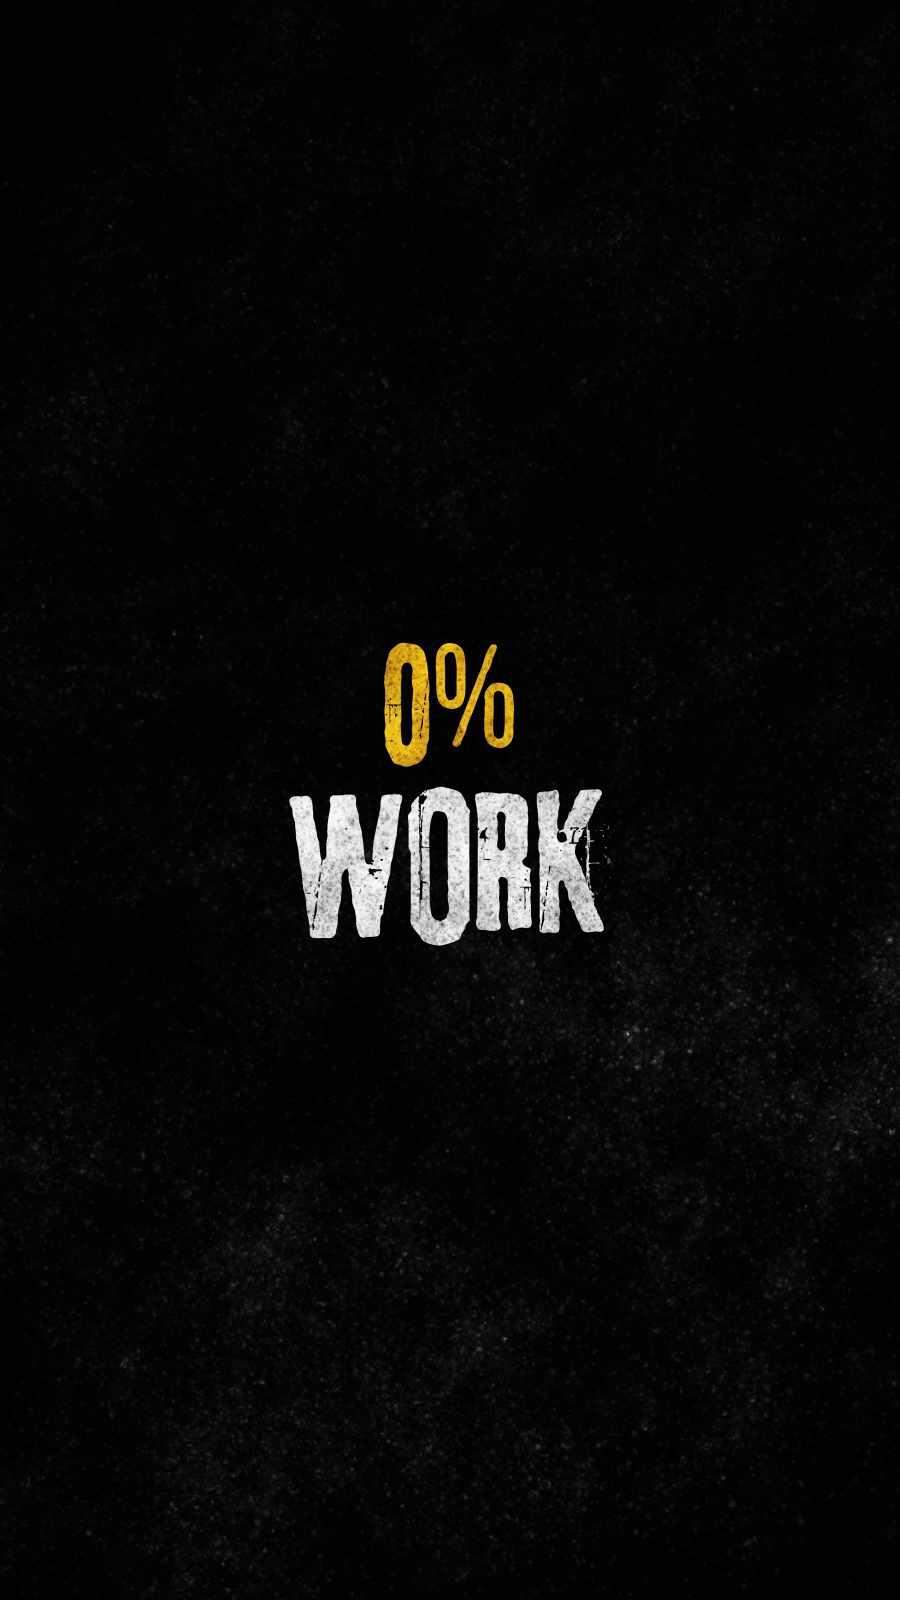 Work iPhone Wallpaper